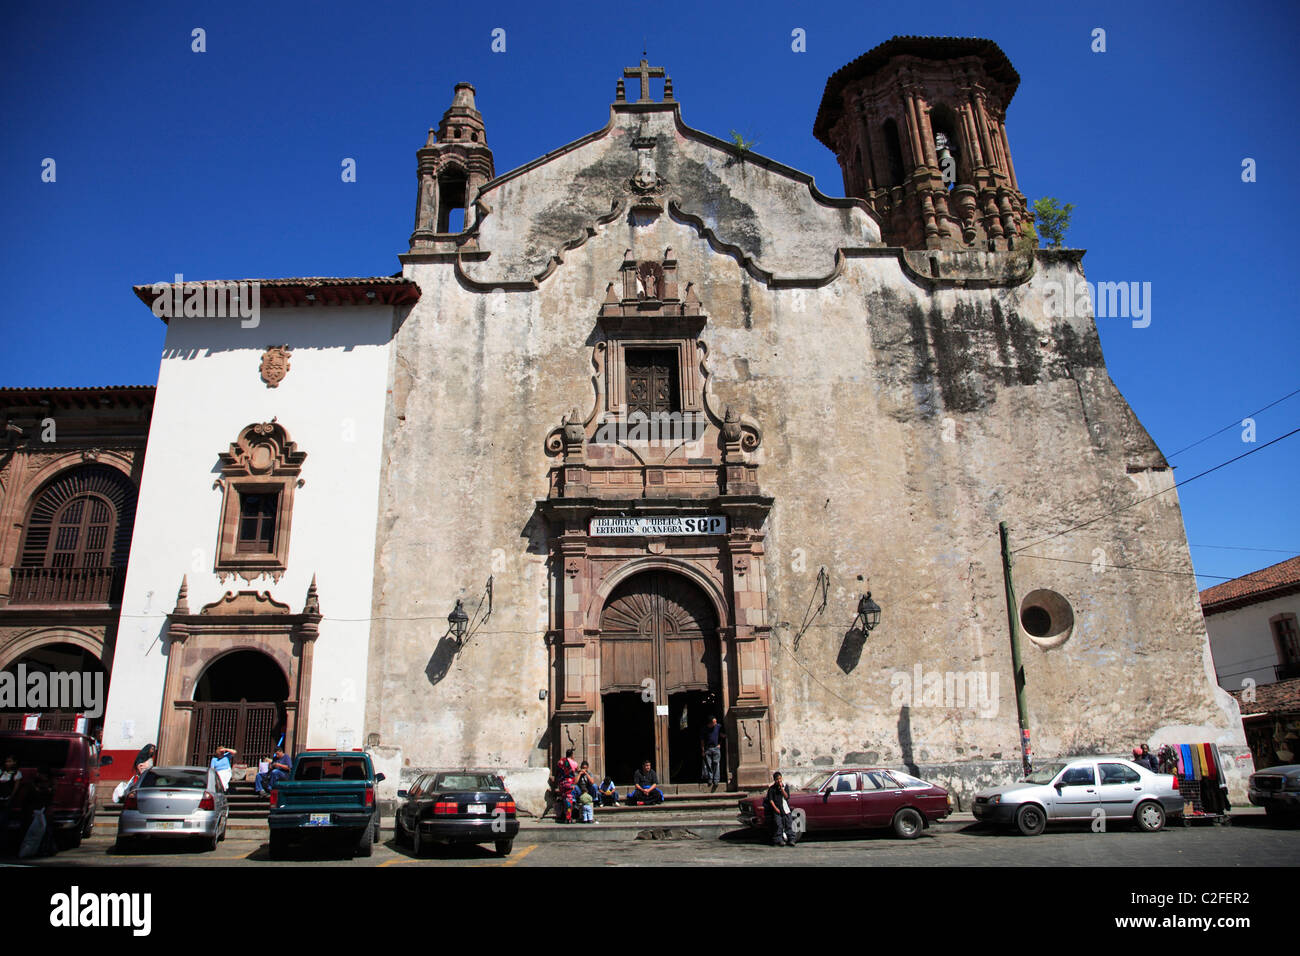 Library, Patzcuaro, Michoacan state, Mexico, North America - Stock Image